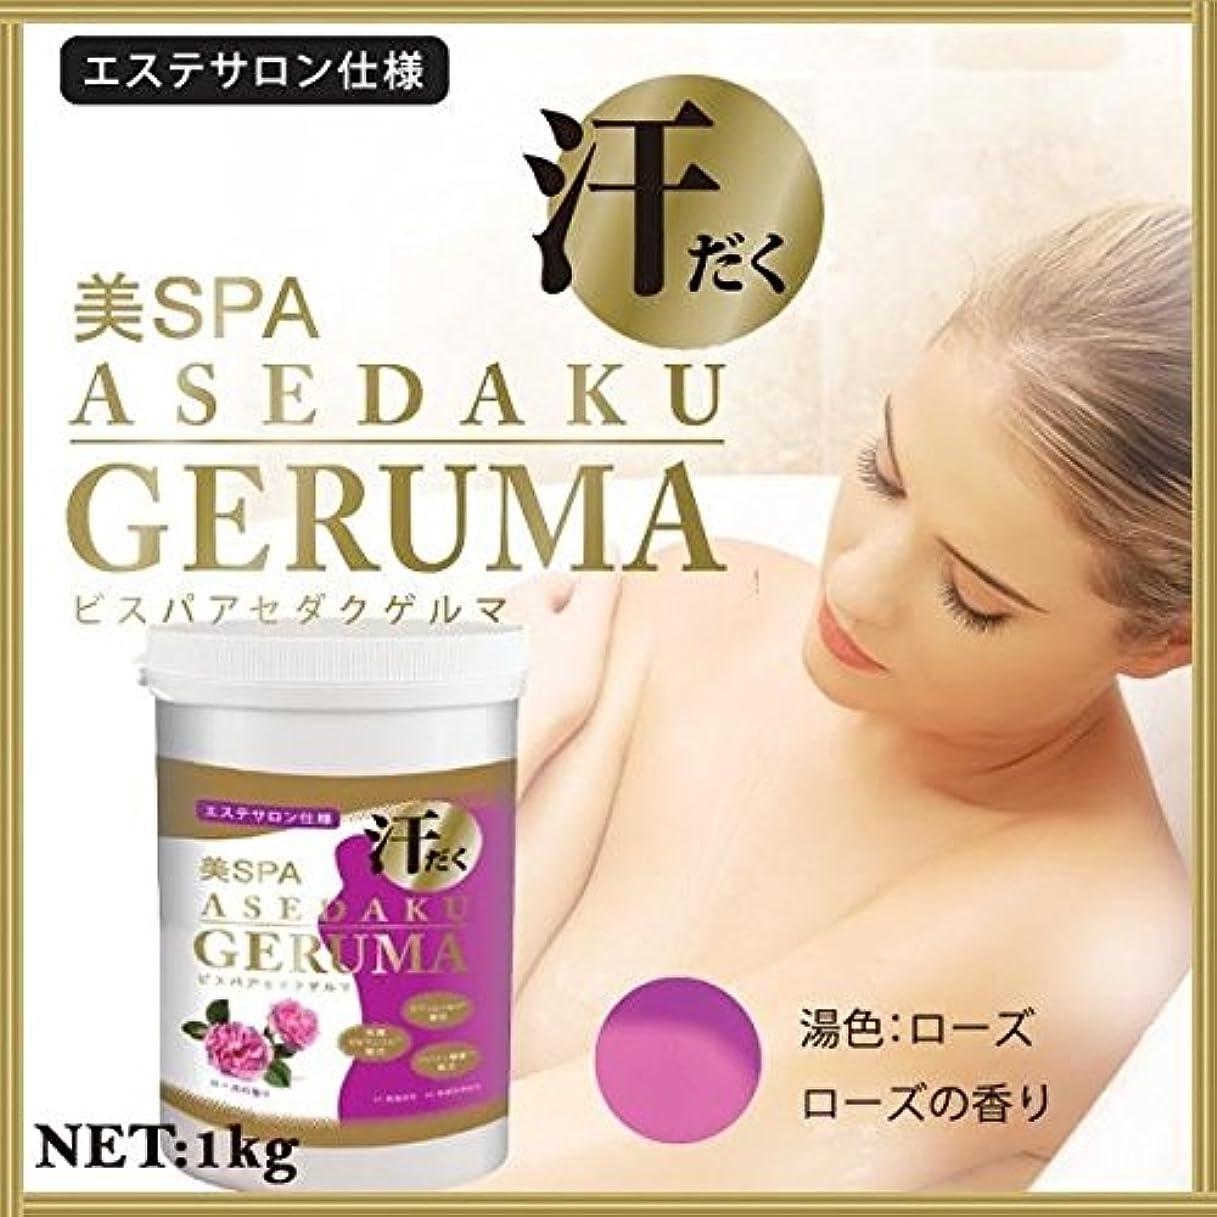 フォーマル伝統倉庫ゲルマニウム入浴料 美SPA ASEDAKU GERUMA ROSE(ローズ) ボトル 1kg